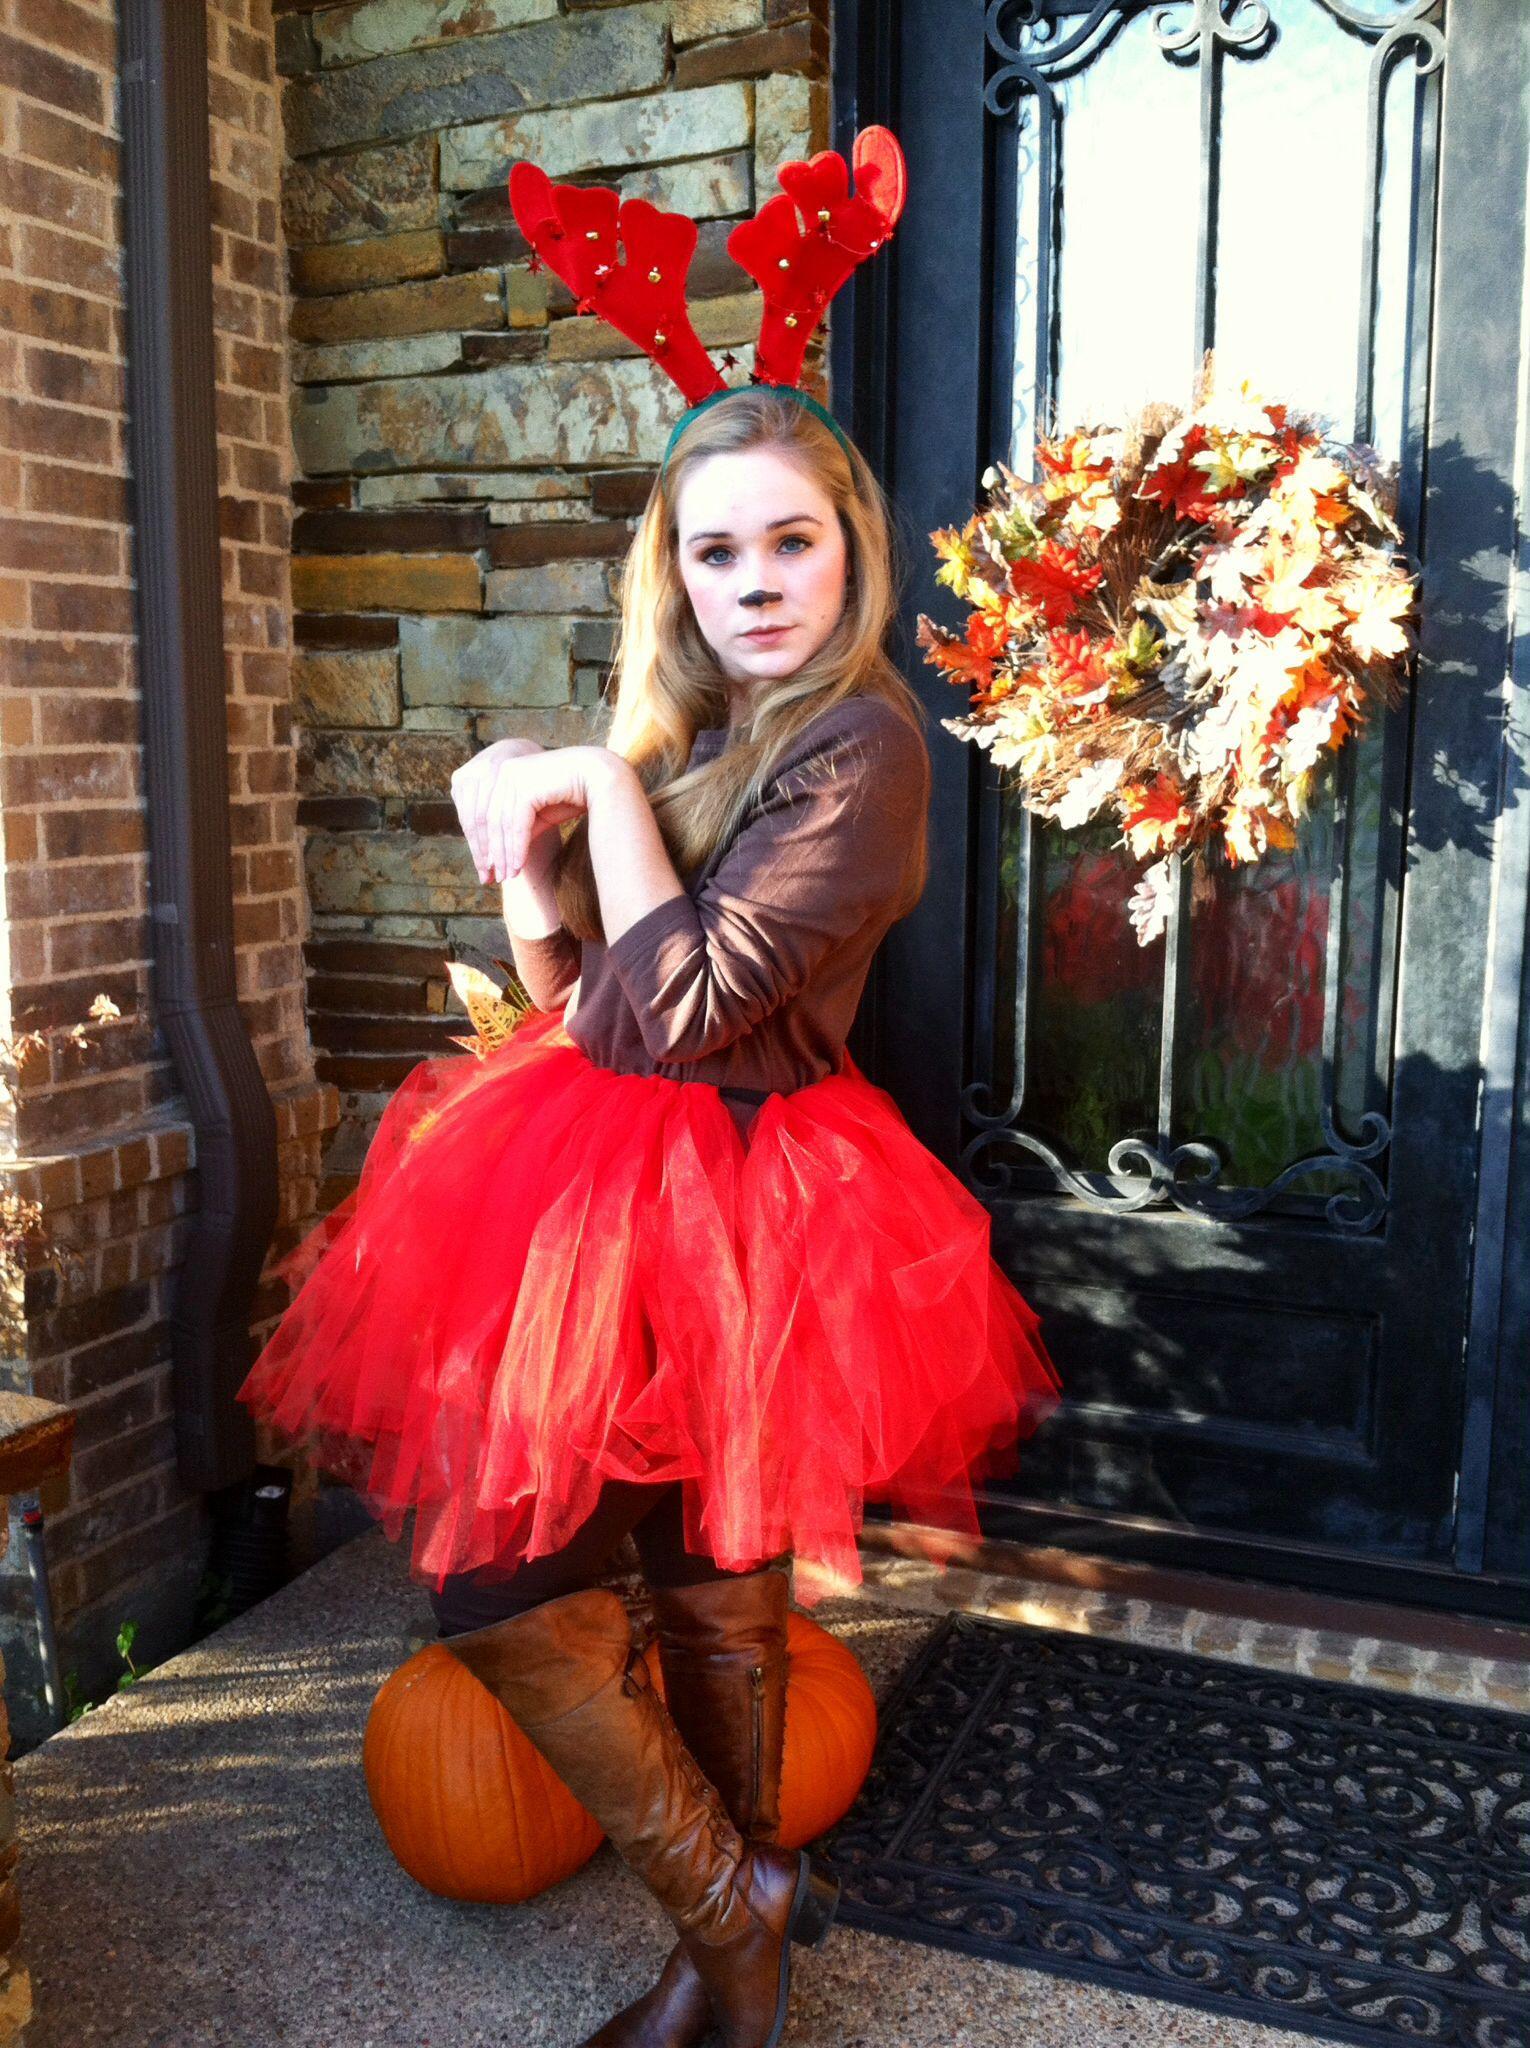 Santa's Reindeer group Halloween costume Feat. Comet